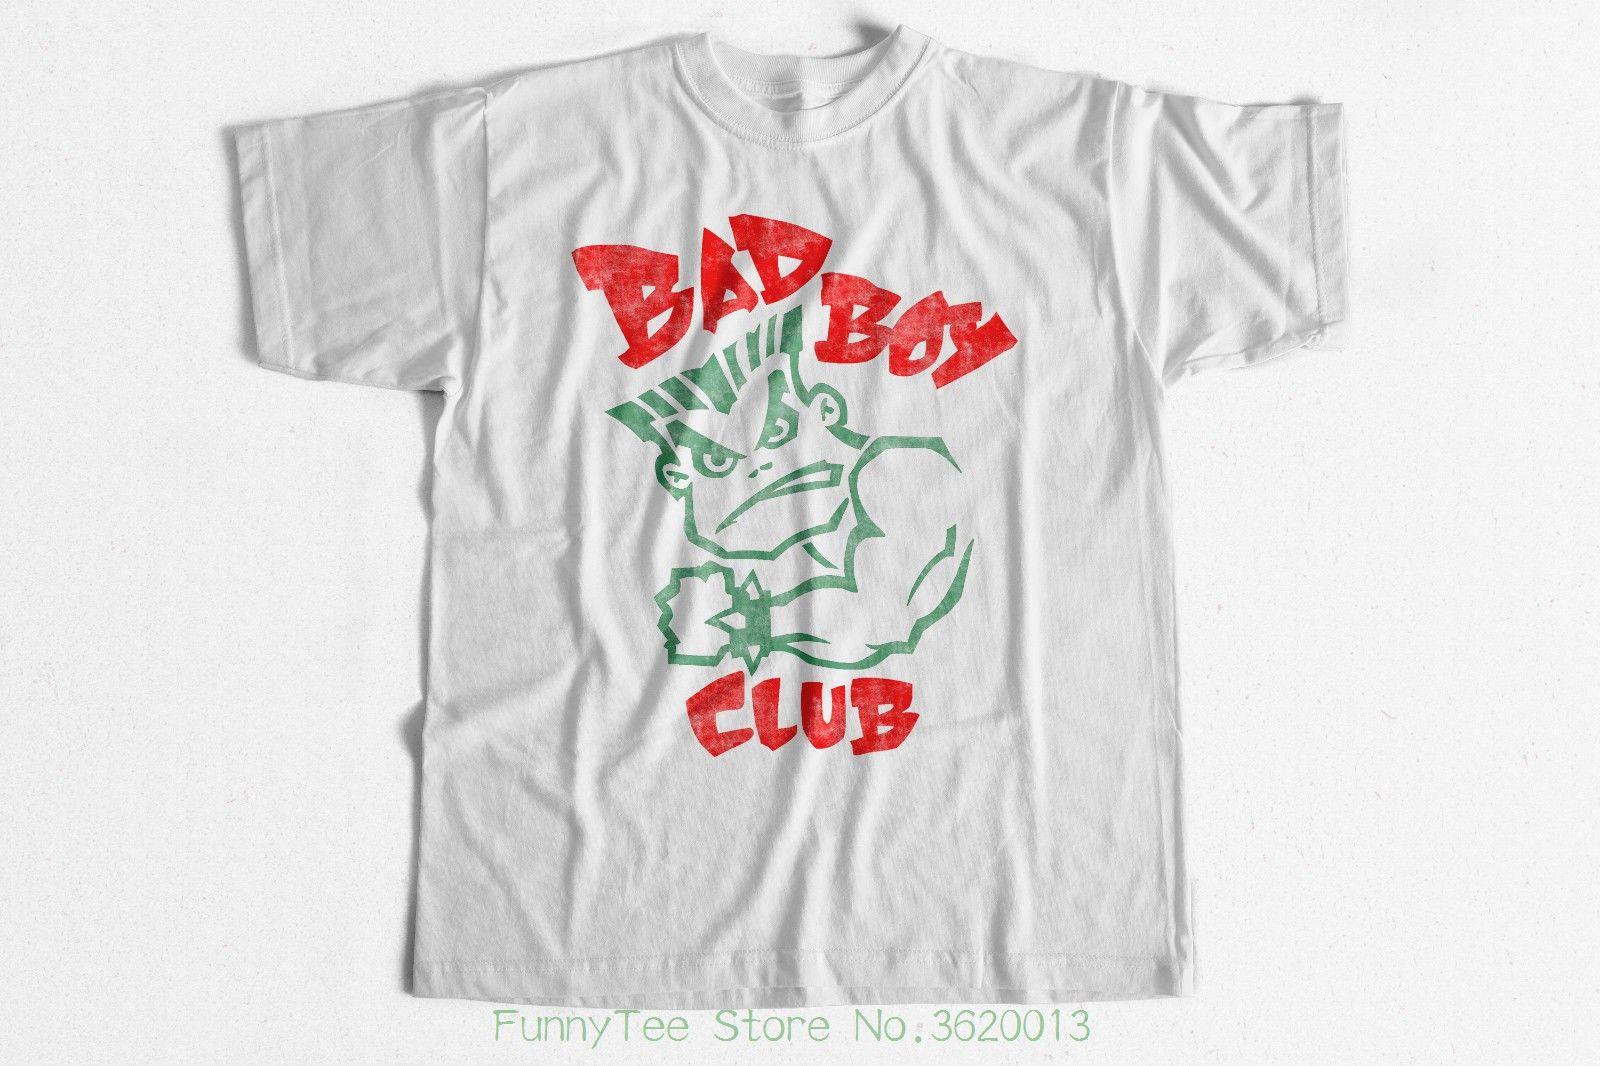 Vintage Surfer T Shirt Bad Boy Club 1980s Retro Surfer Shirts